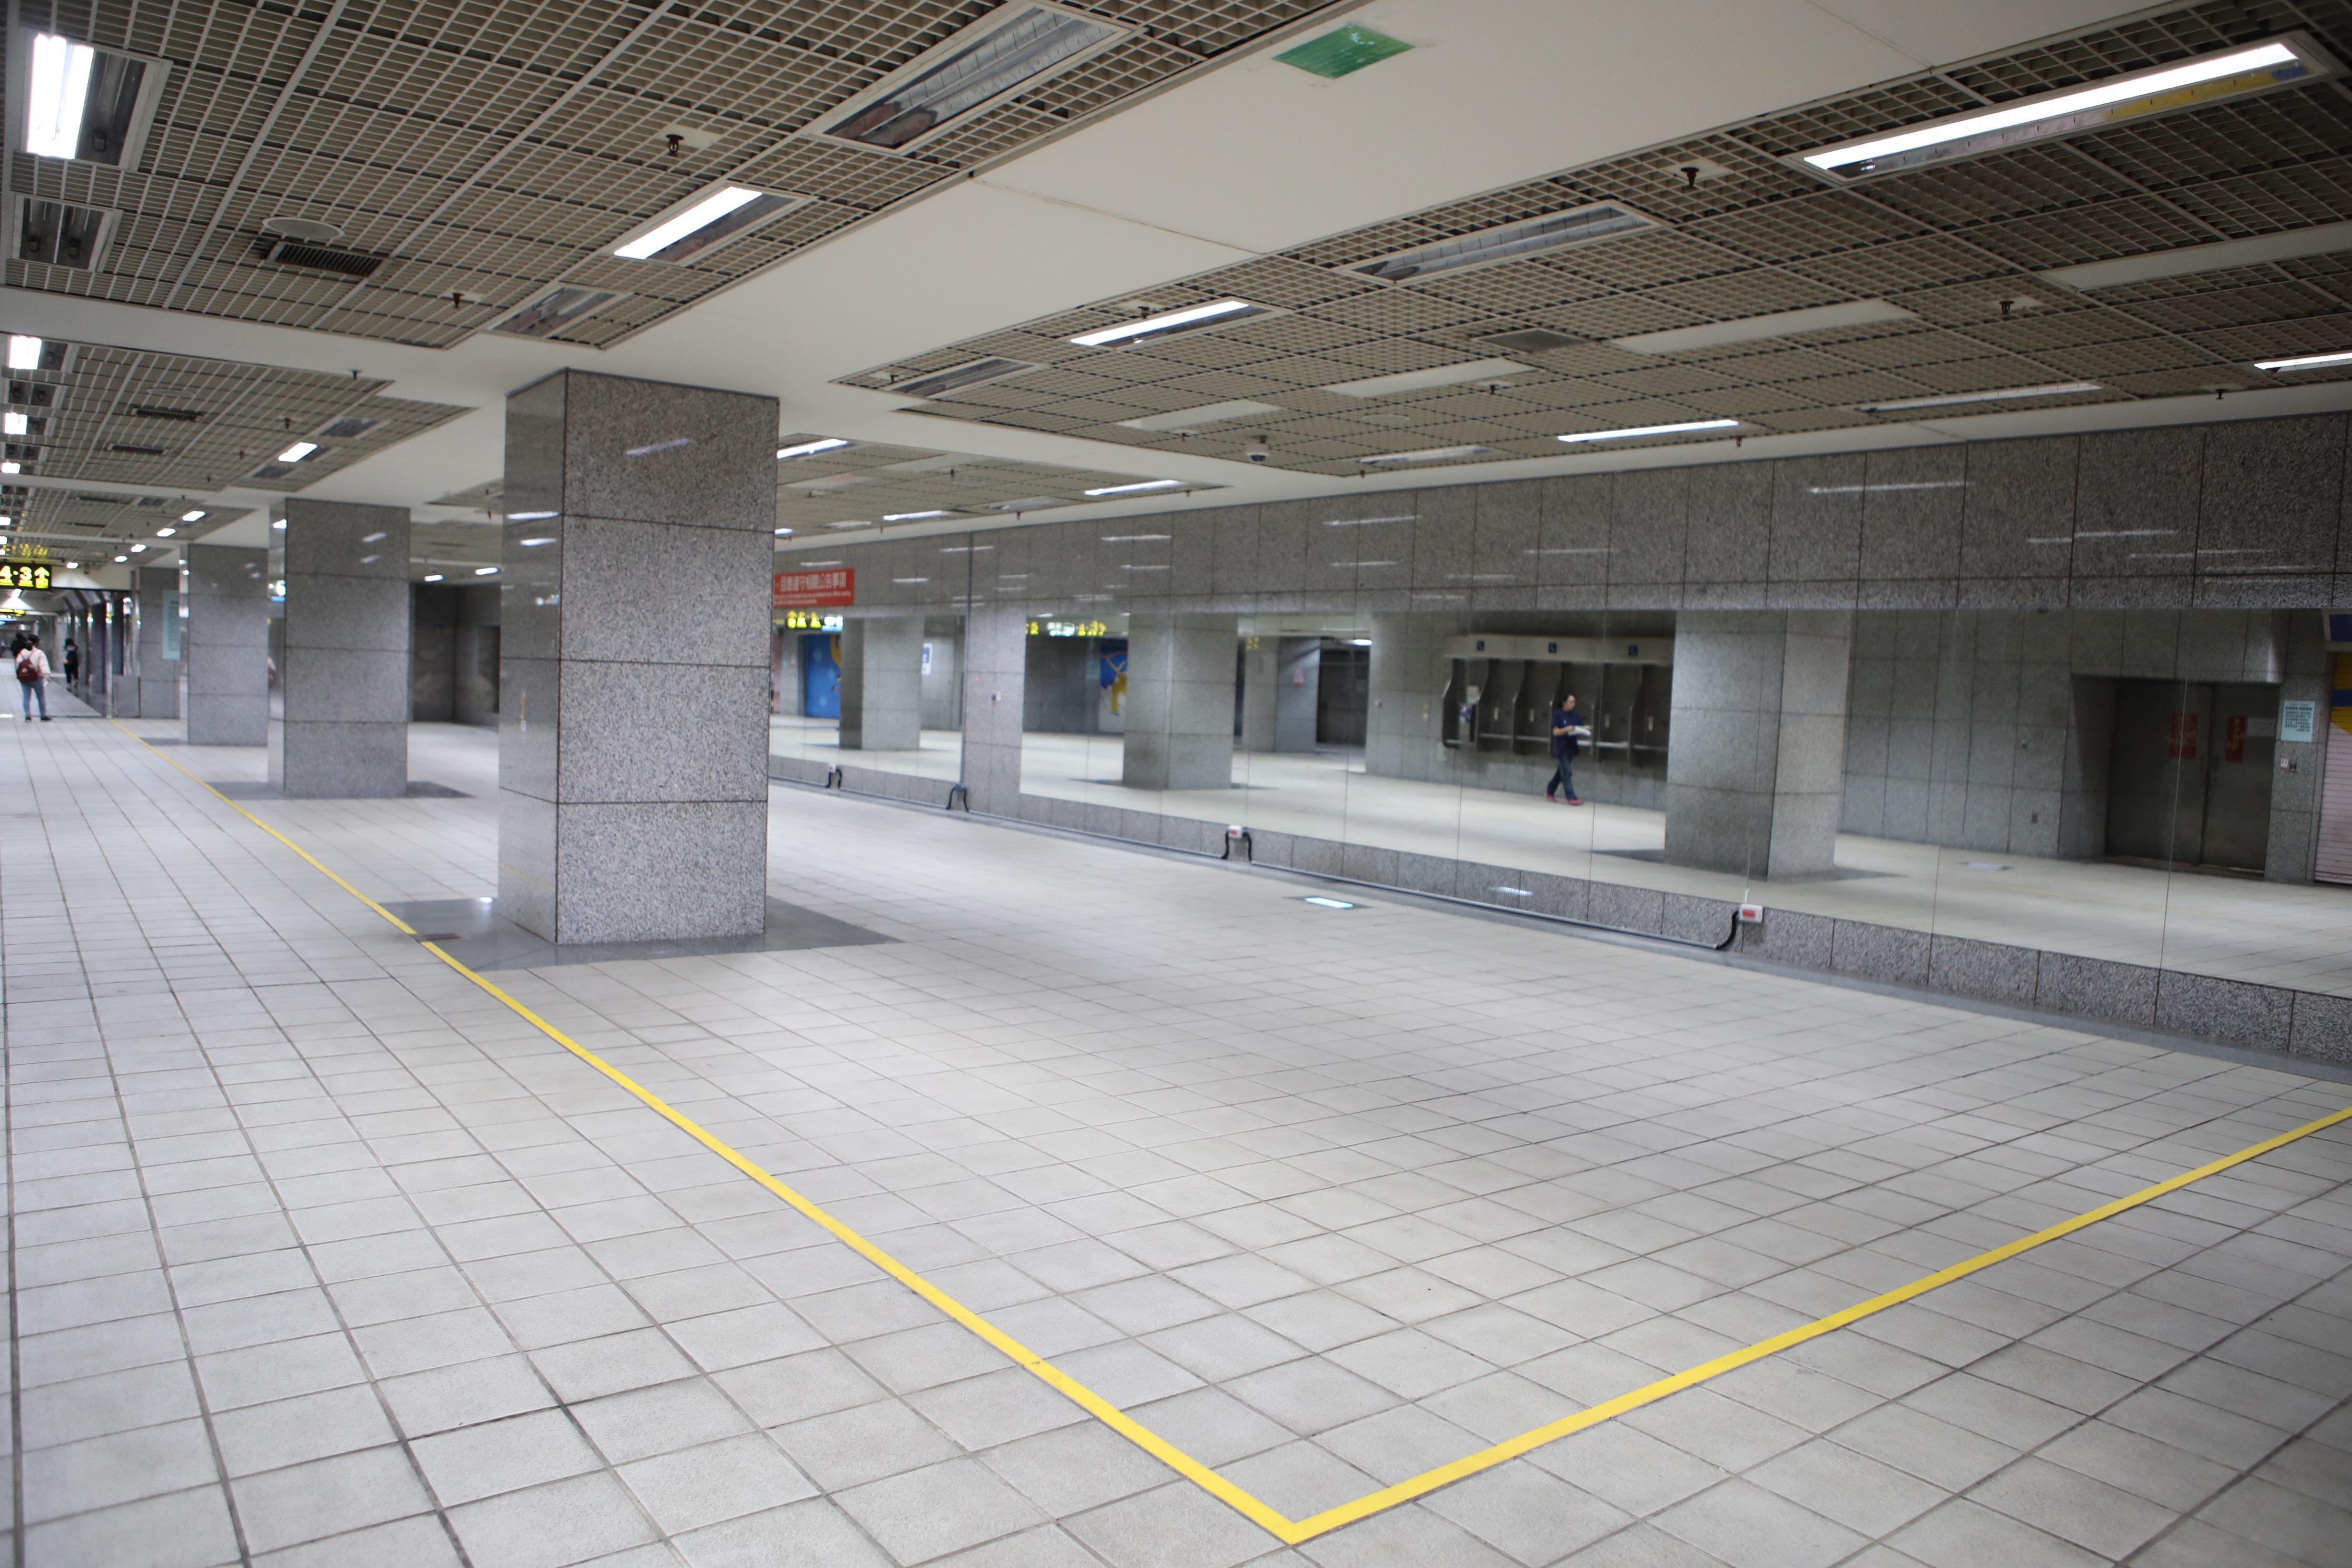 MRT Ximen Station to Designate Space for Dance Practice, Recreation Activities